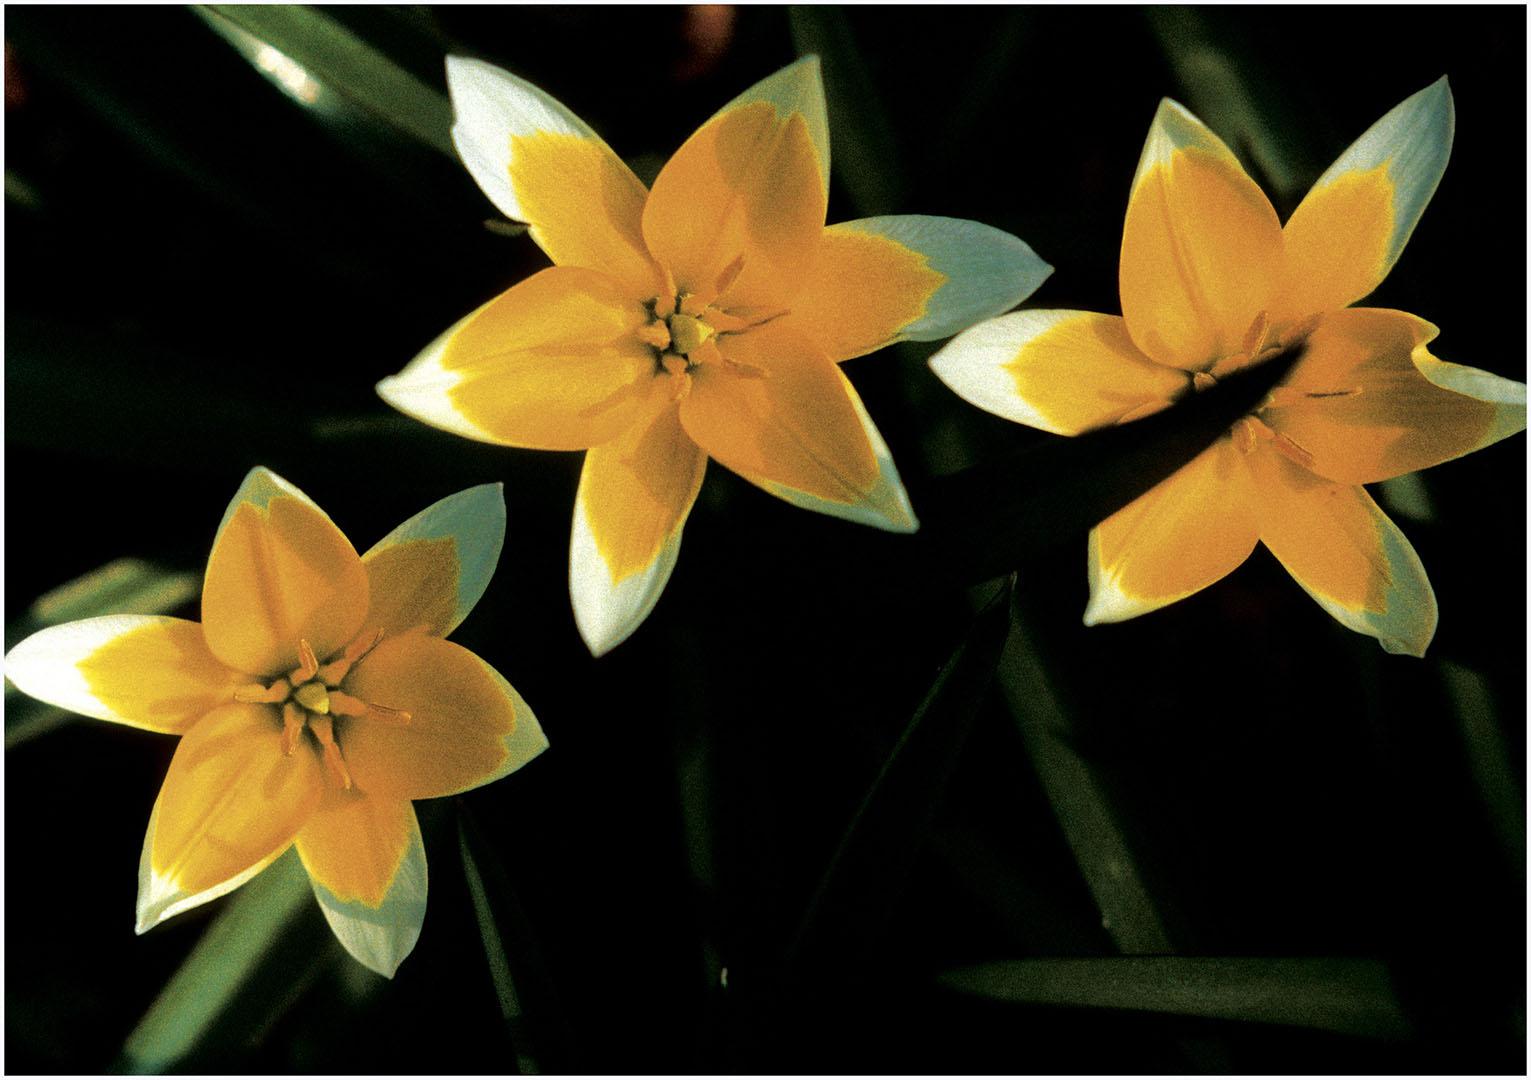 Flowers_056_Diadigi3.44